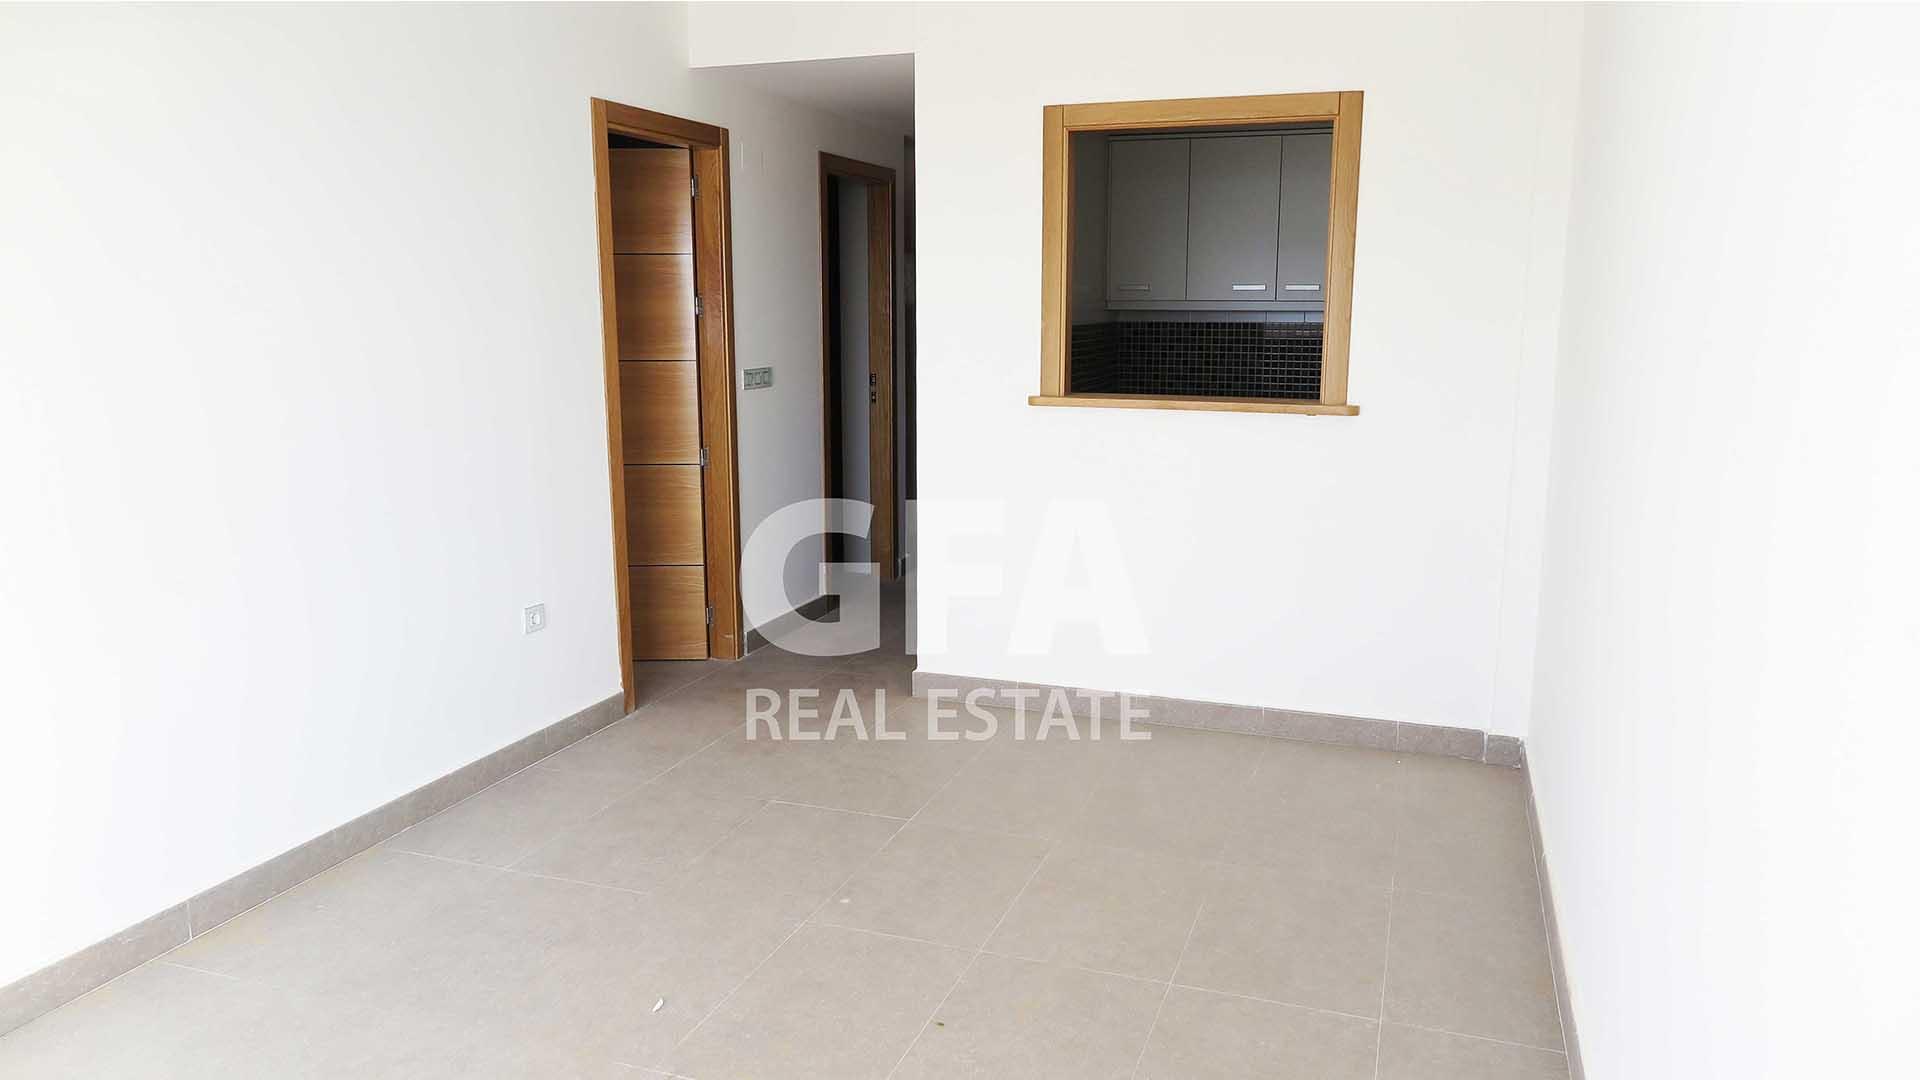 residencial-veneziola-obra-nueva_0013_41